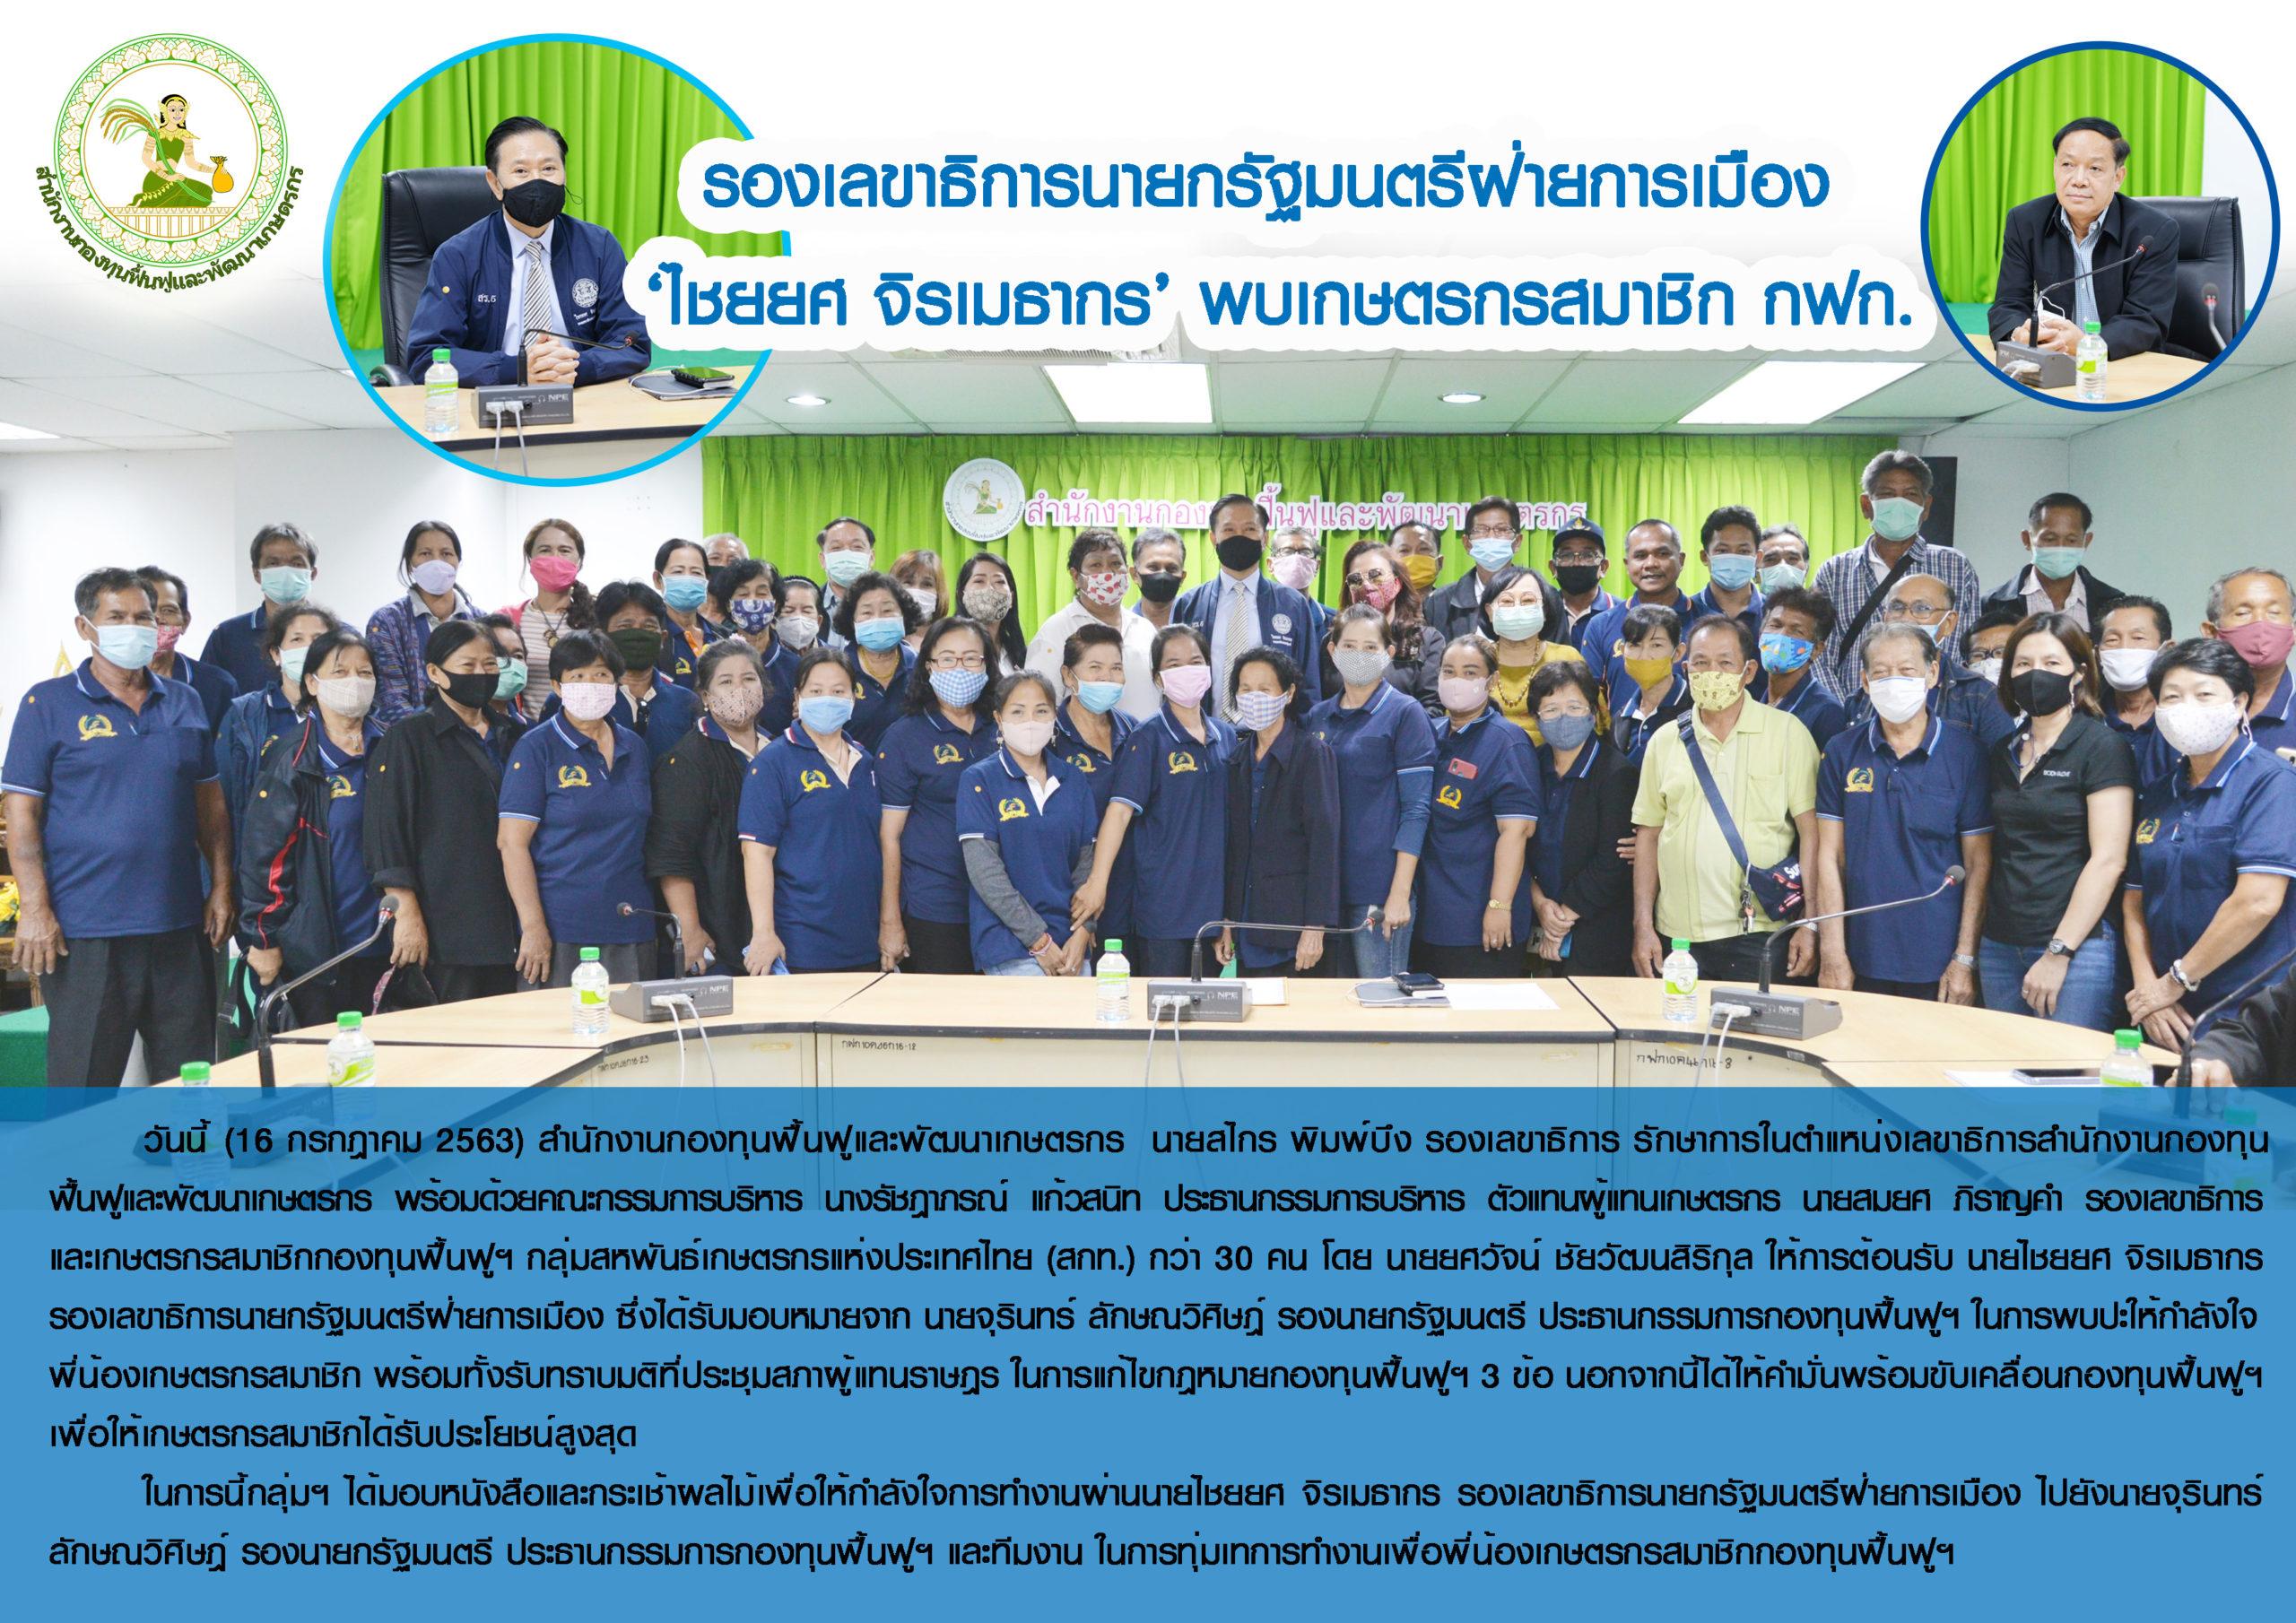 รองเลขาธิการนายกรัฐมนตรีฝ่ายการเมือง 'ไชยยศ จิรเมธากร' พบเกษตรกรสมาชิก กฟก.